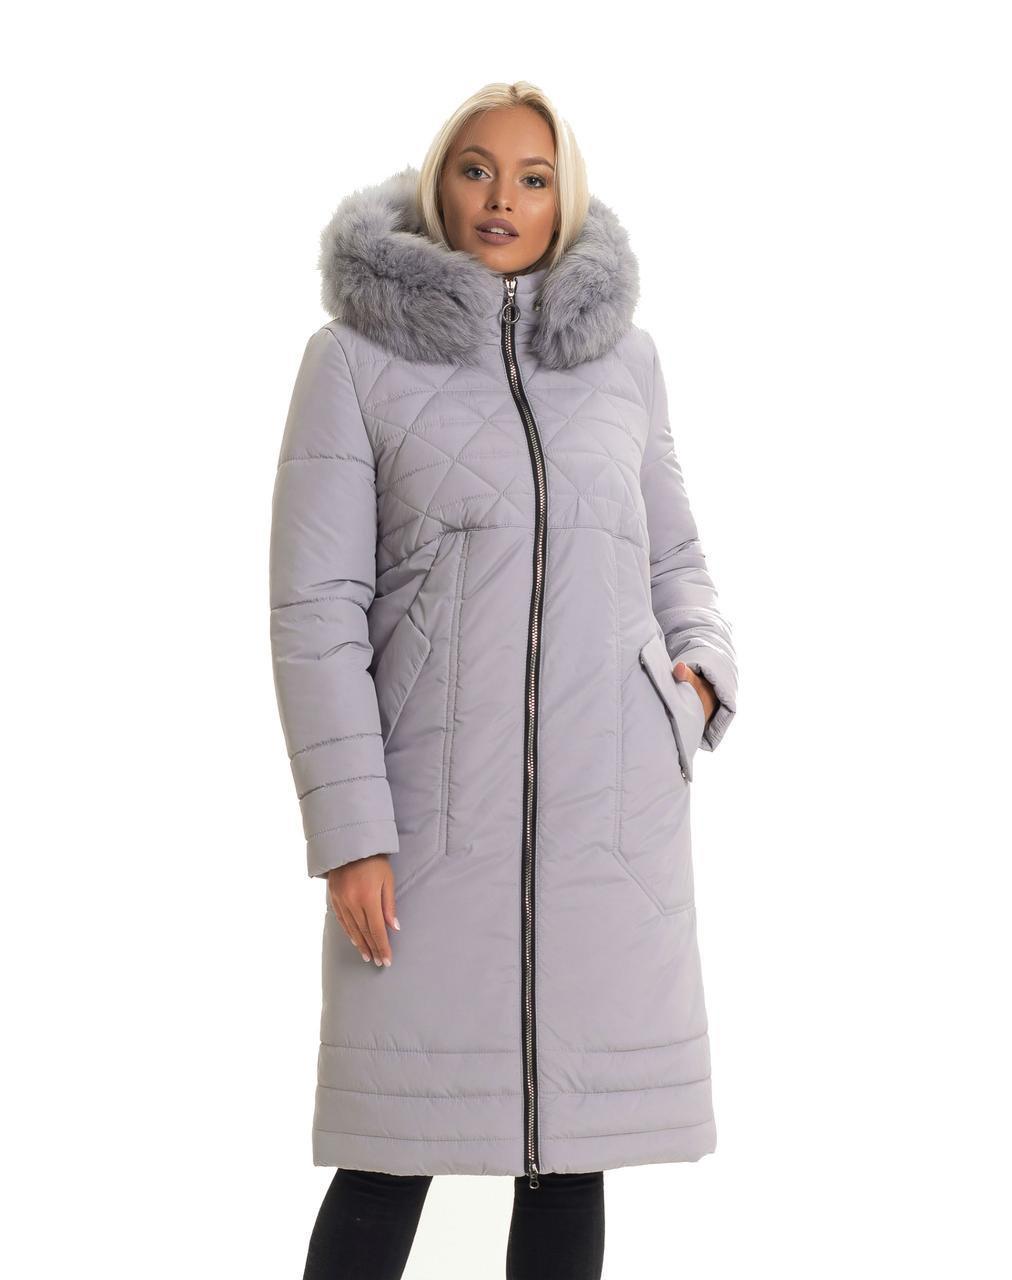 Женский длинный зимний пуховик / пальто с мехом серый батал / большихразмеров размер 44 46 48 50 52 54